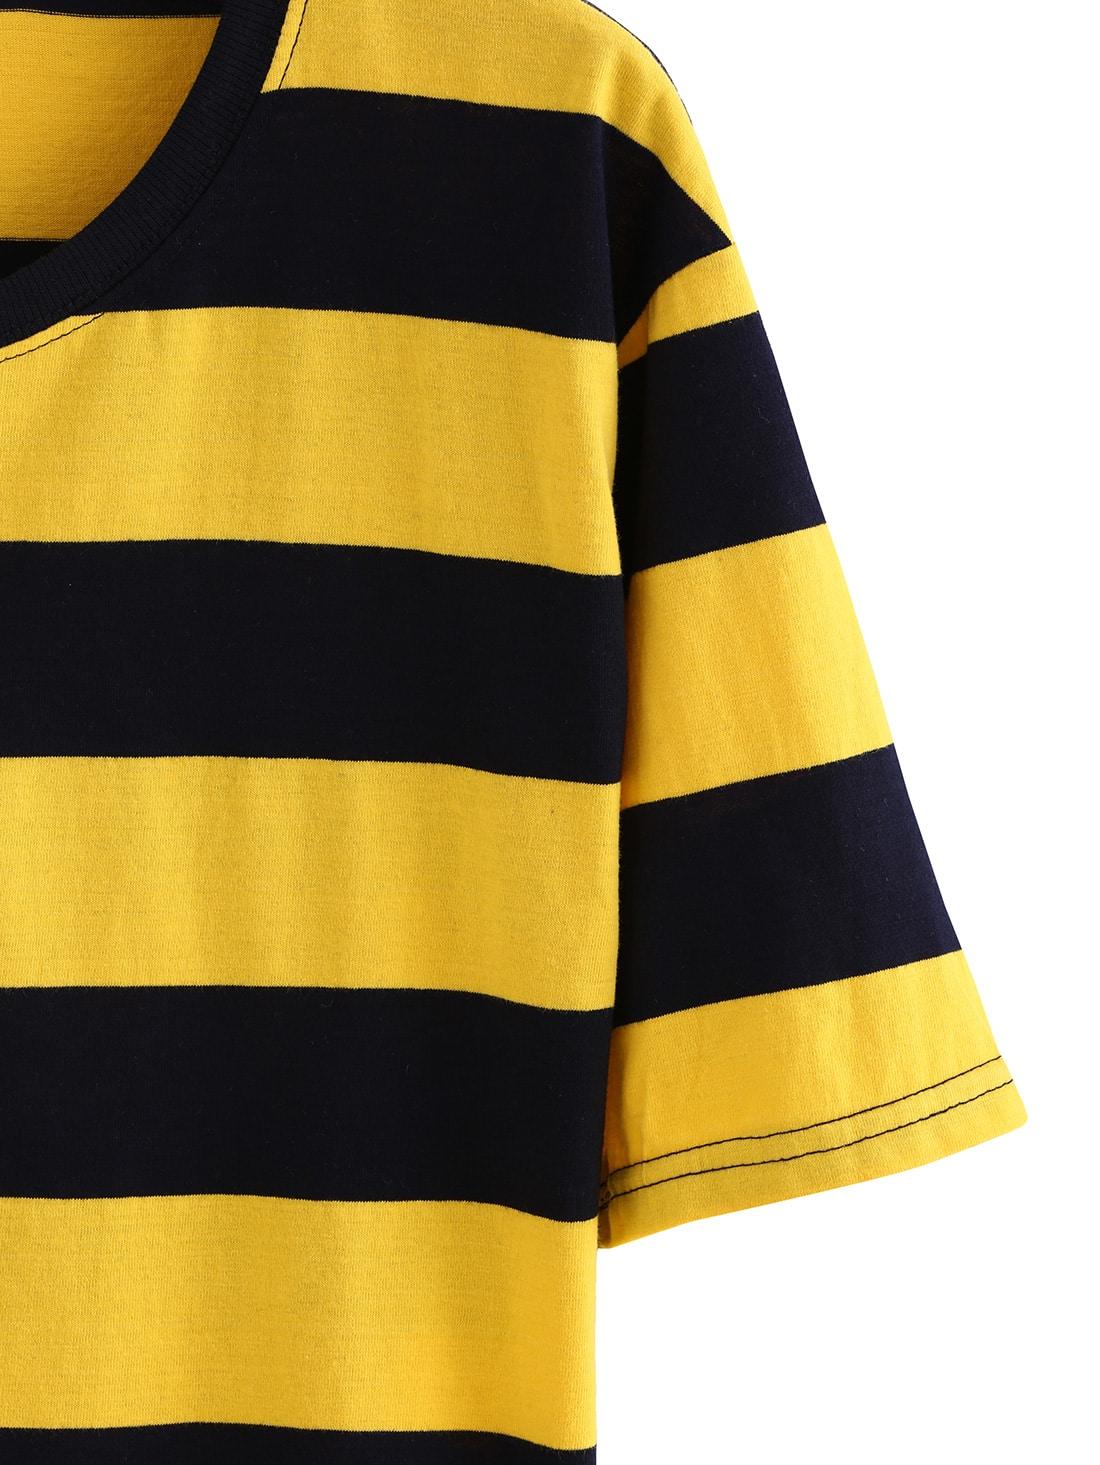 Amazones: camiseta rayas negras y amarillas